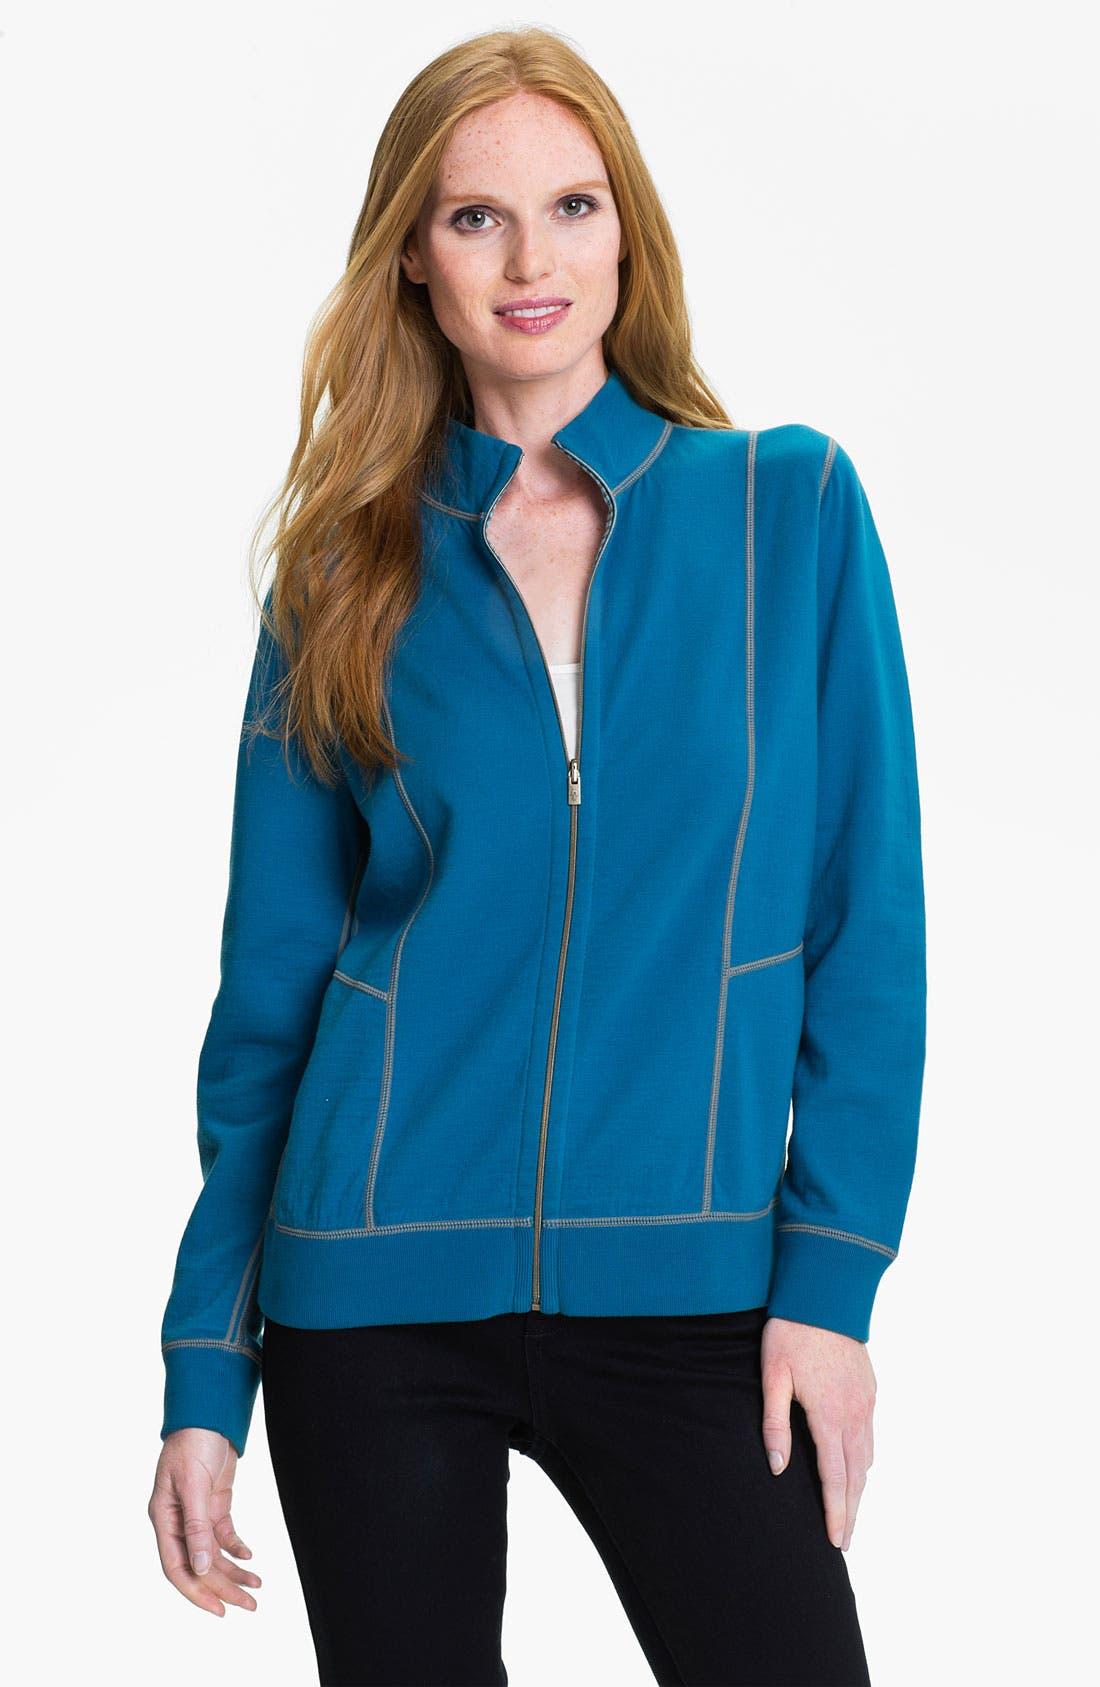 Main Image - Tommy Bahama 'Flip Side' Reversible Jacket